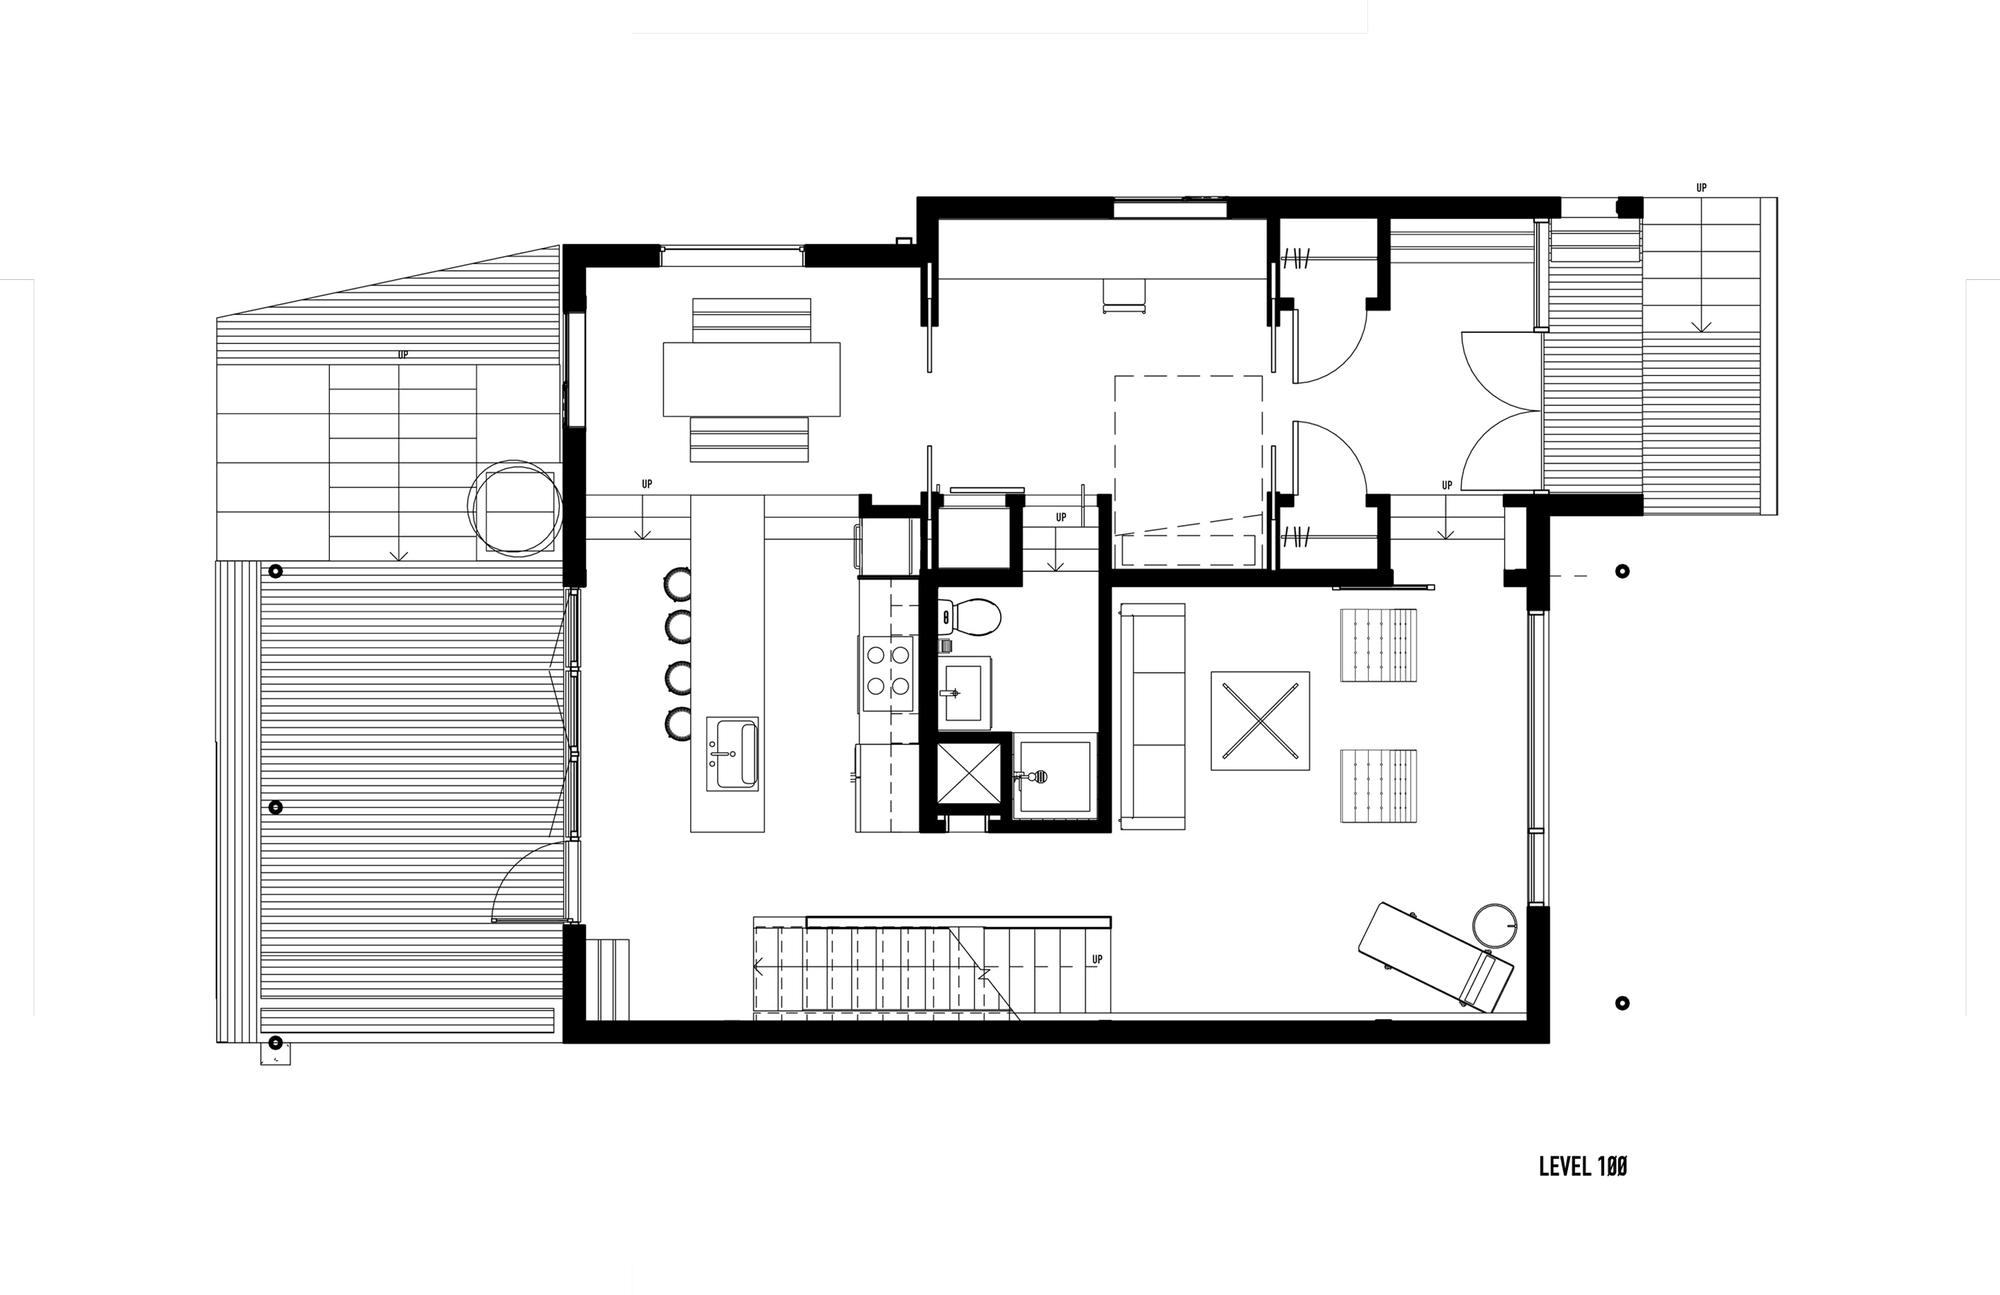 Casa con fachada met lica y construcci n ligera for Planos y diseno de muebles